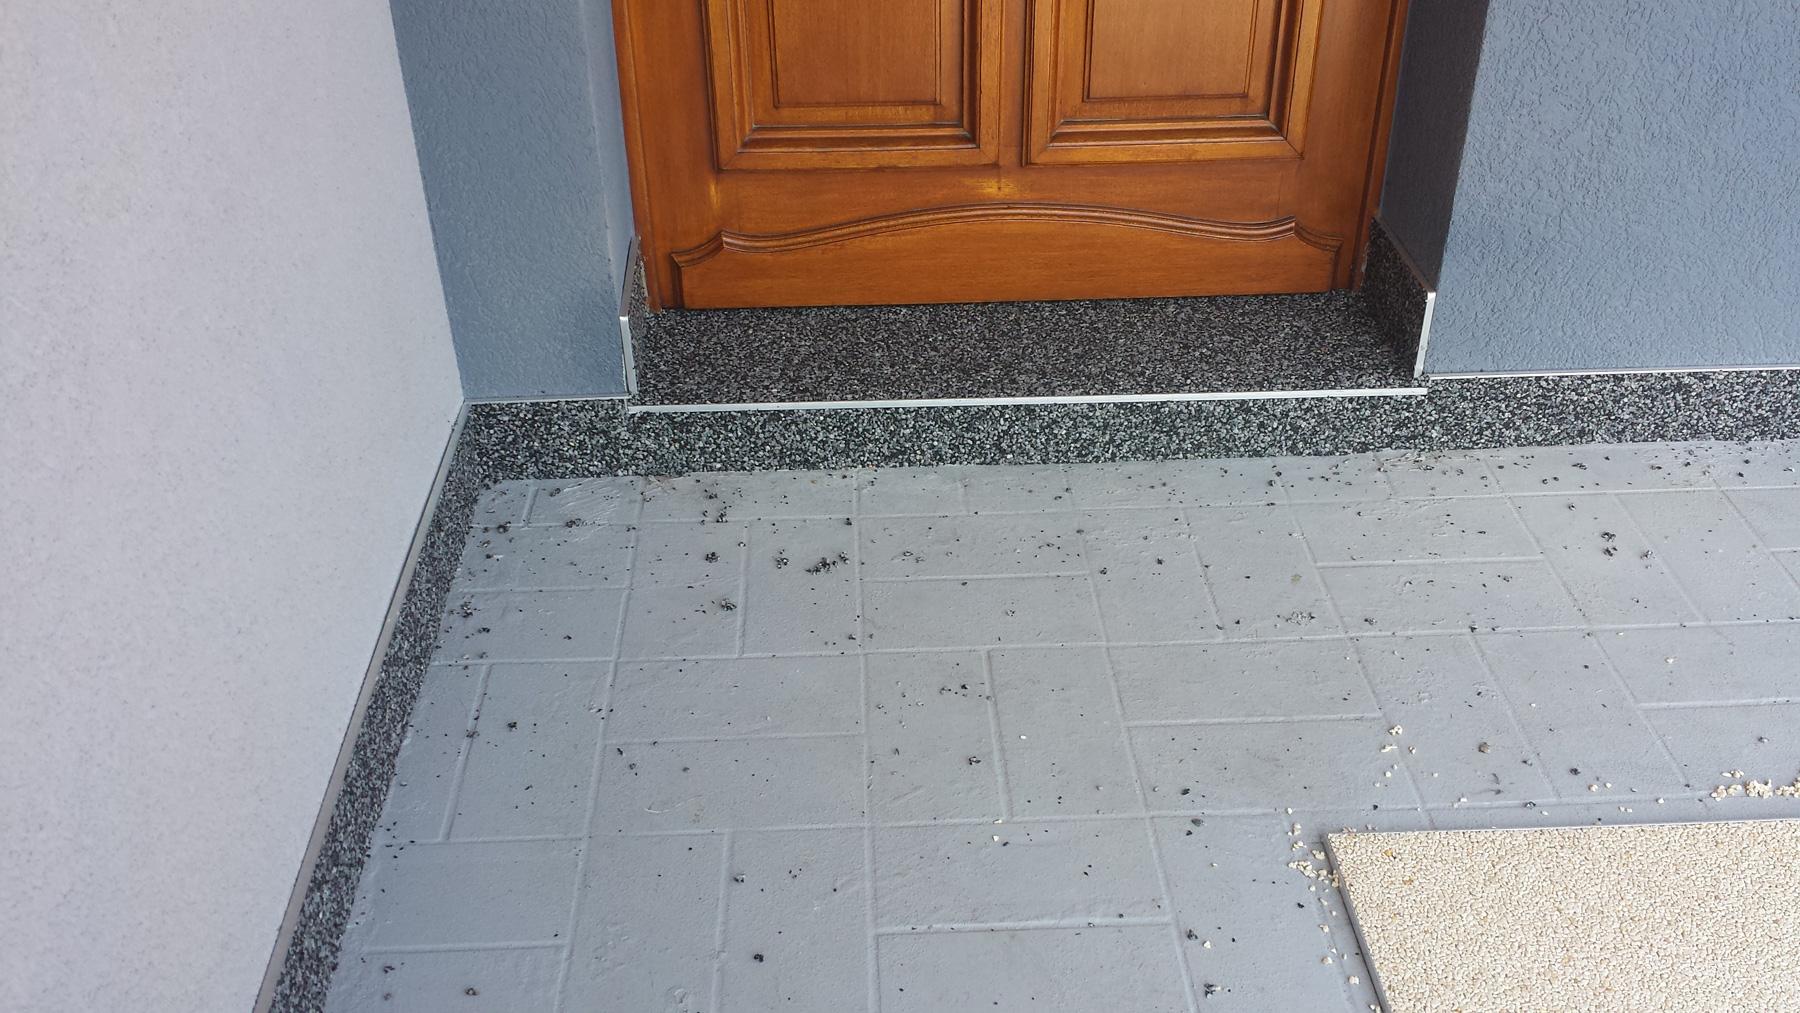 troesch - moquette pierre entrée maison - 08